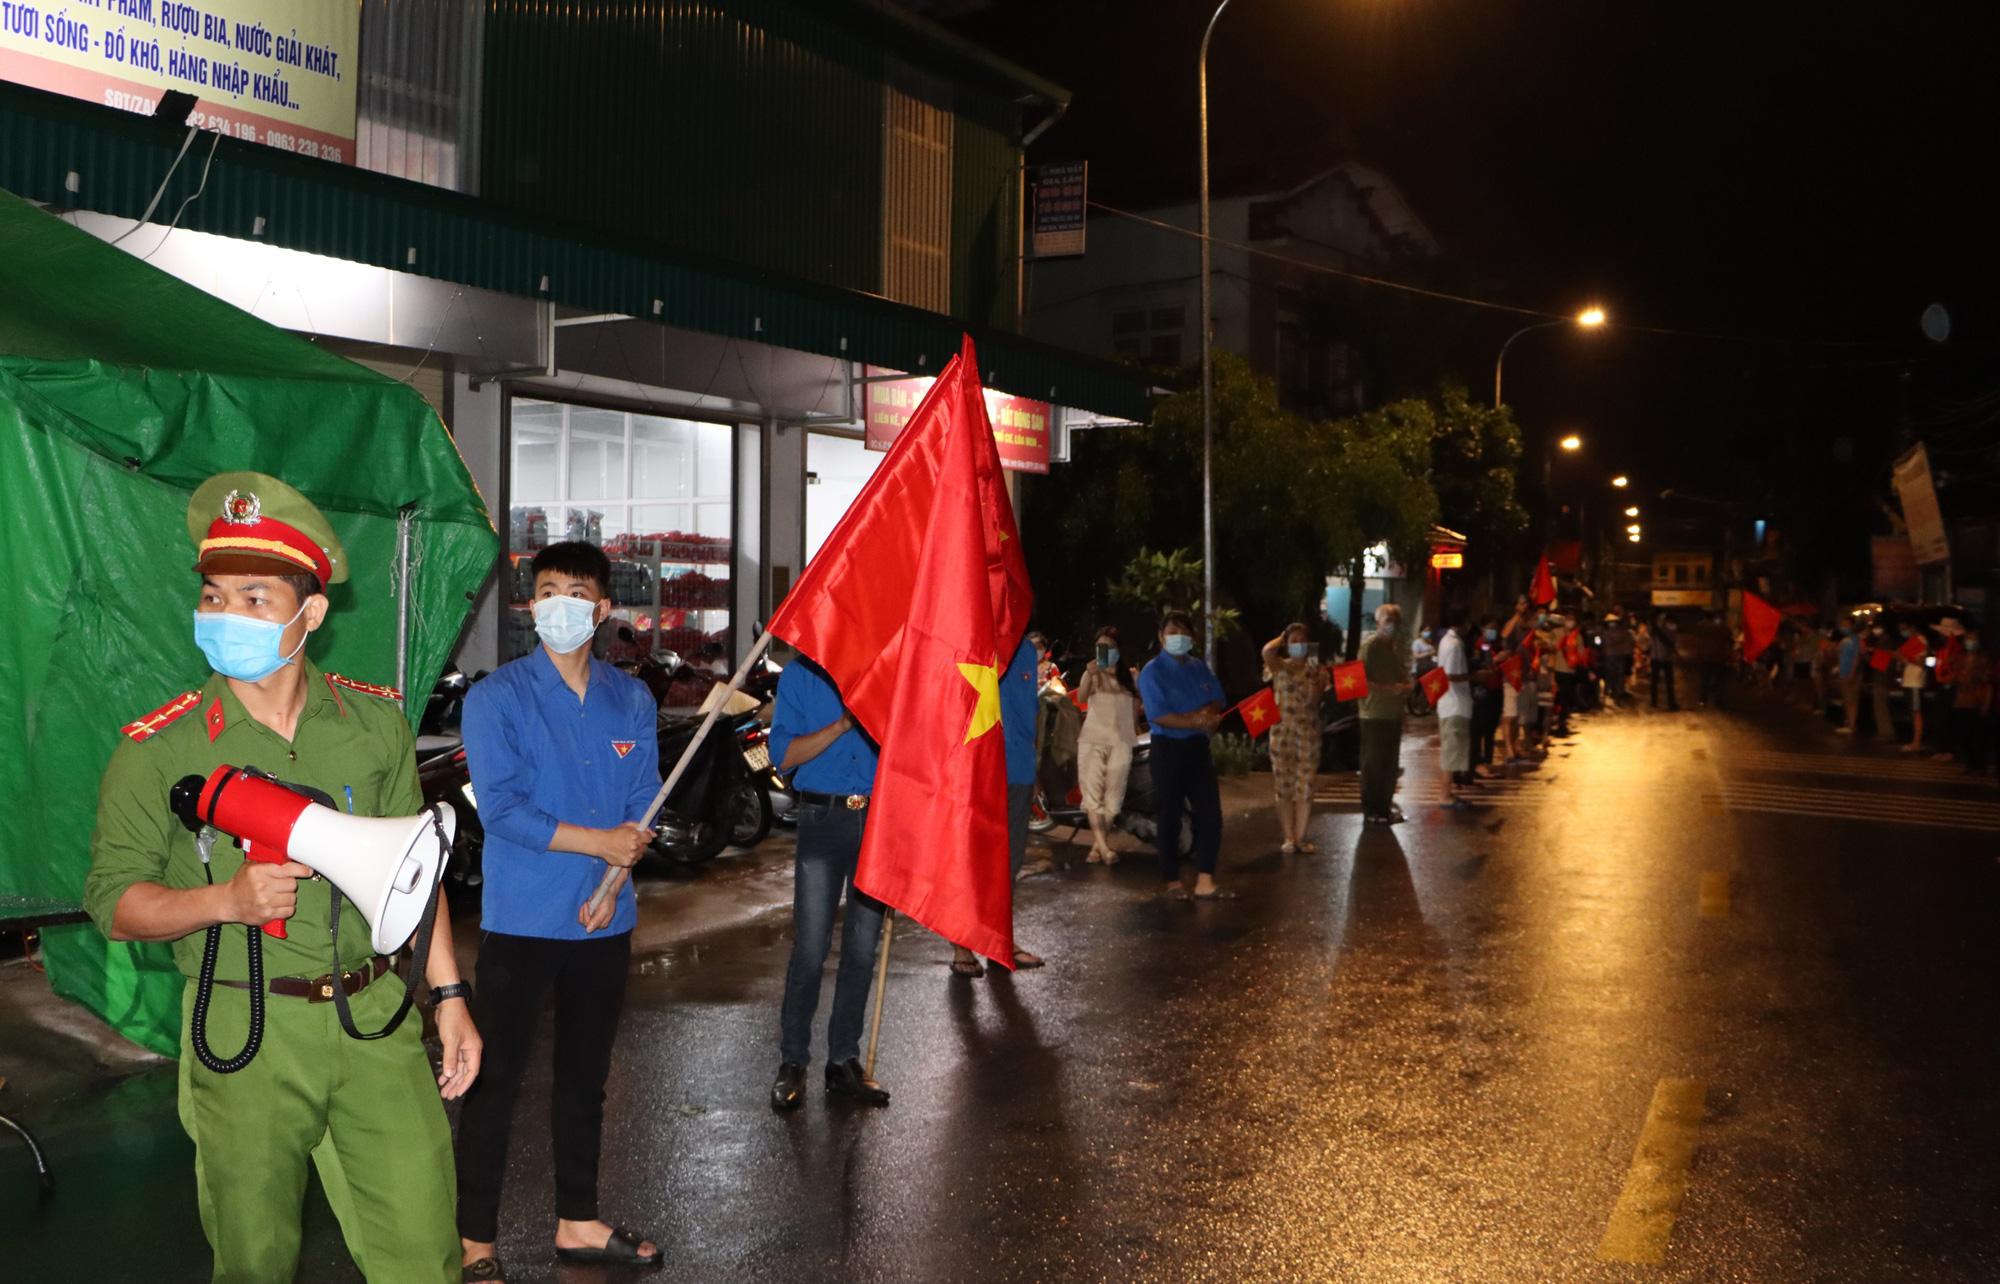 Bắc Ninh: Nới lỏng biện pháp giãn cách xã hội tại Thuận Thành, Yên Phong, Tiên Du và Lương Tài - Ảnh 3.